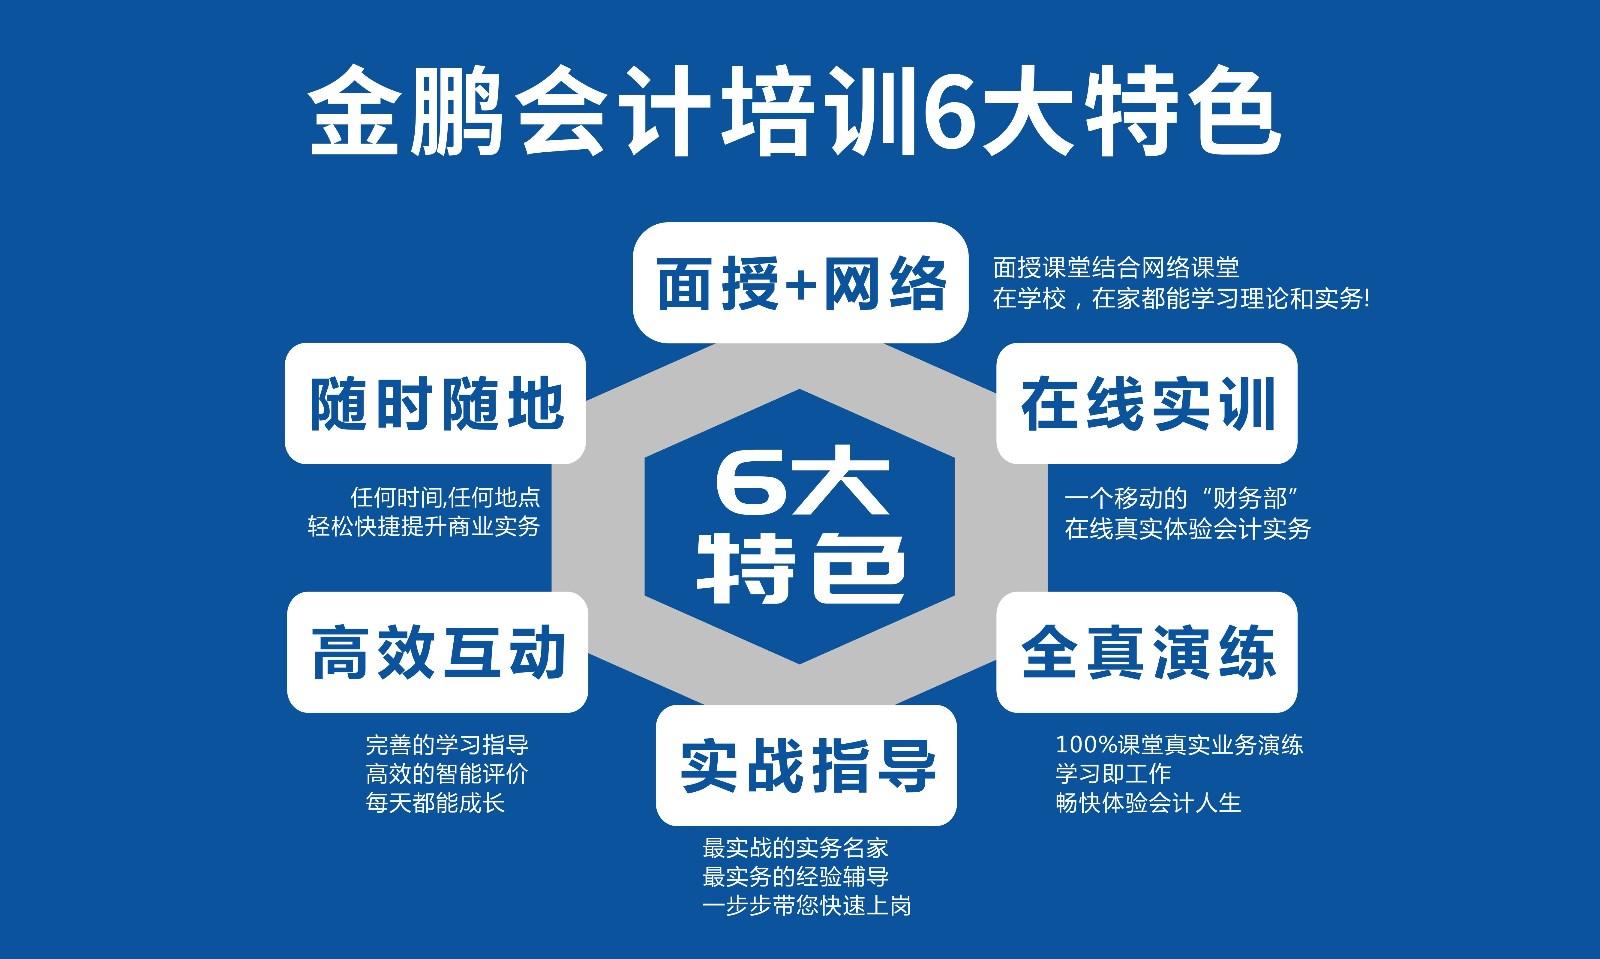 工商注册一站式企业服务_郑州哪家会计服务-郑州金鹏财务管理有限公司